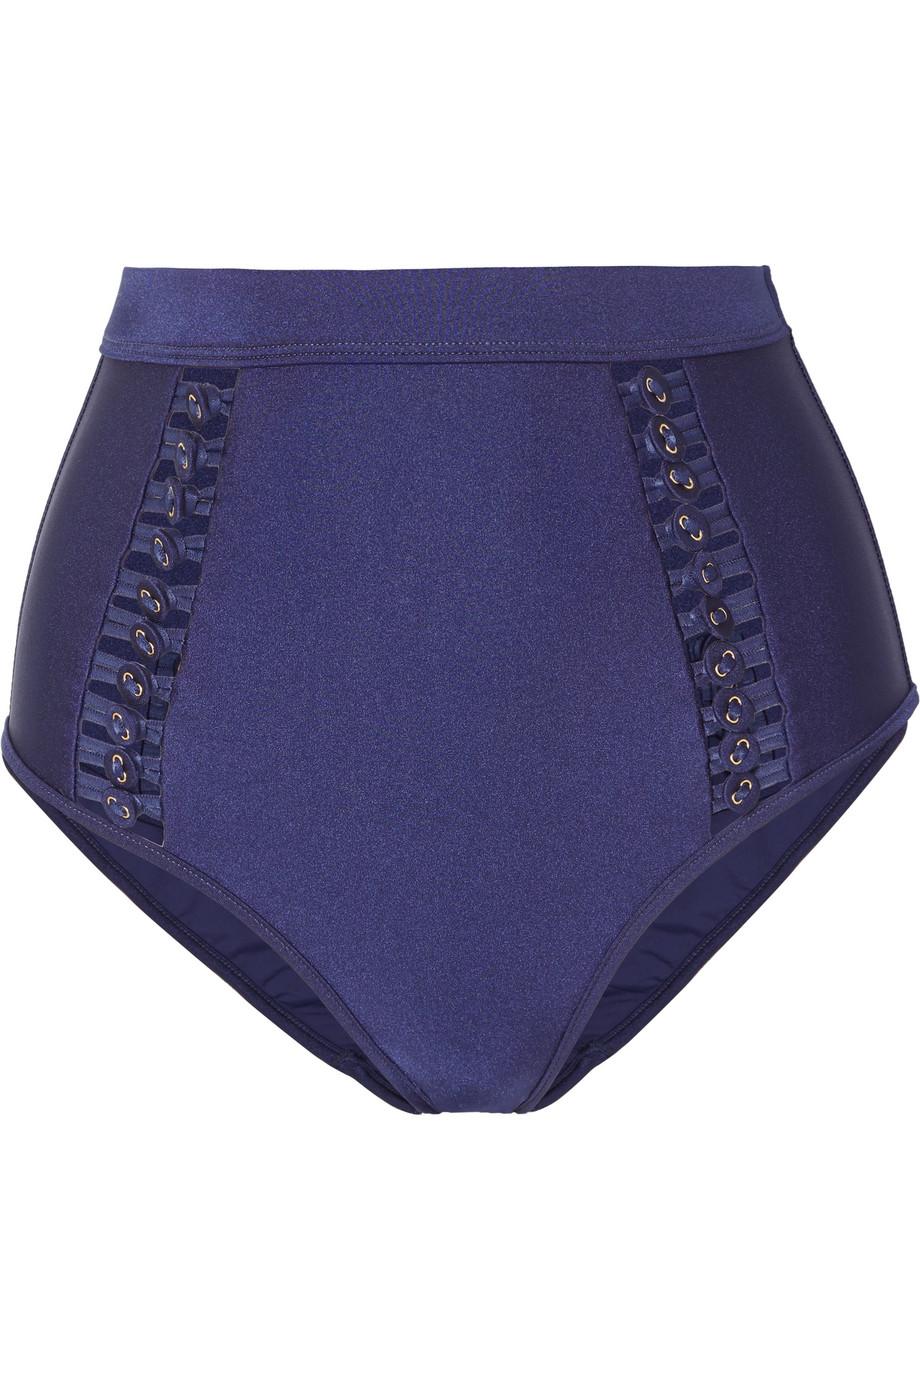 Zimmermann Bowie button-embellished bikini briefs